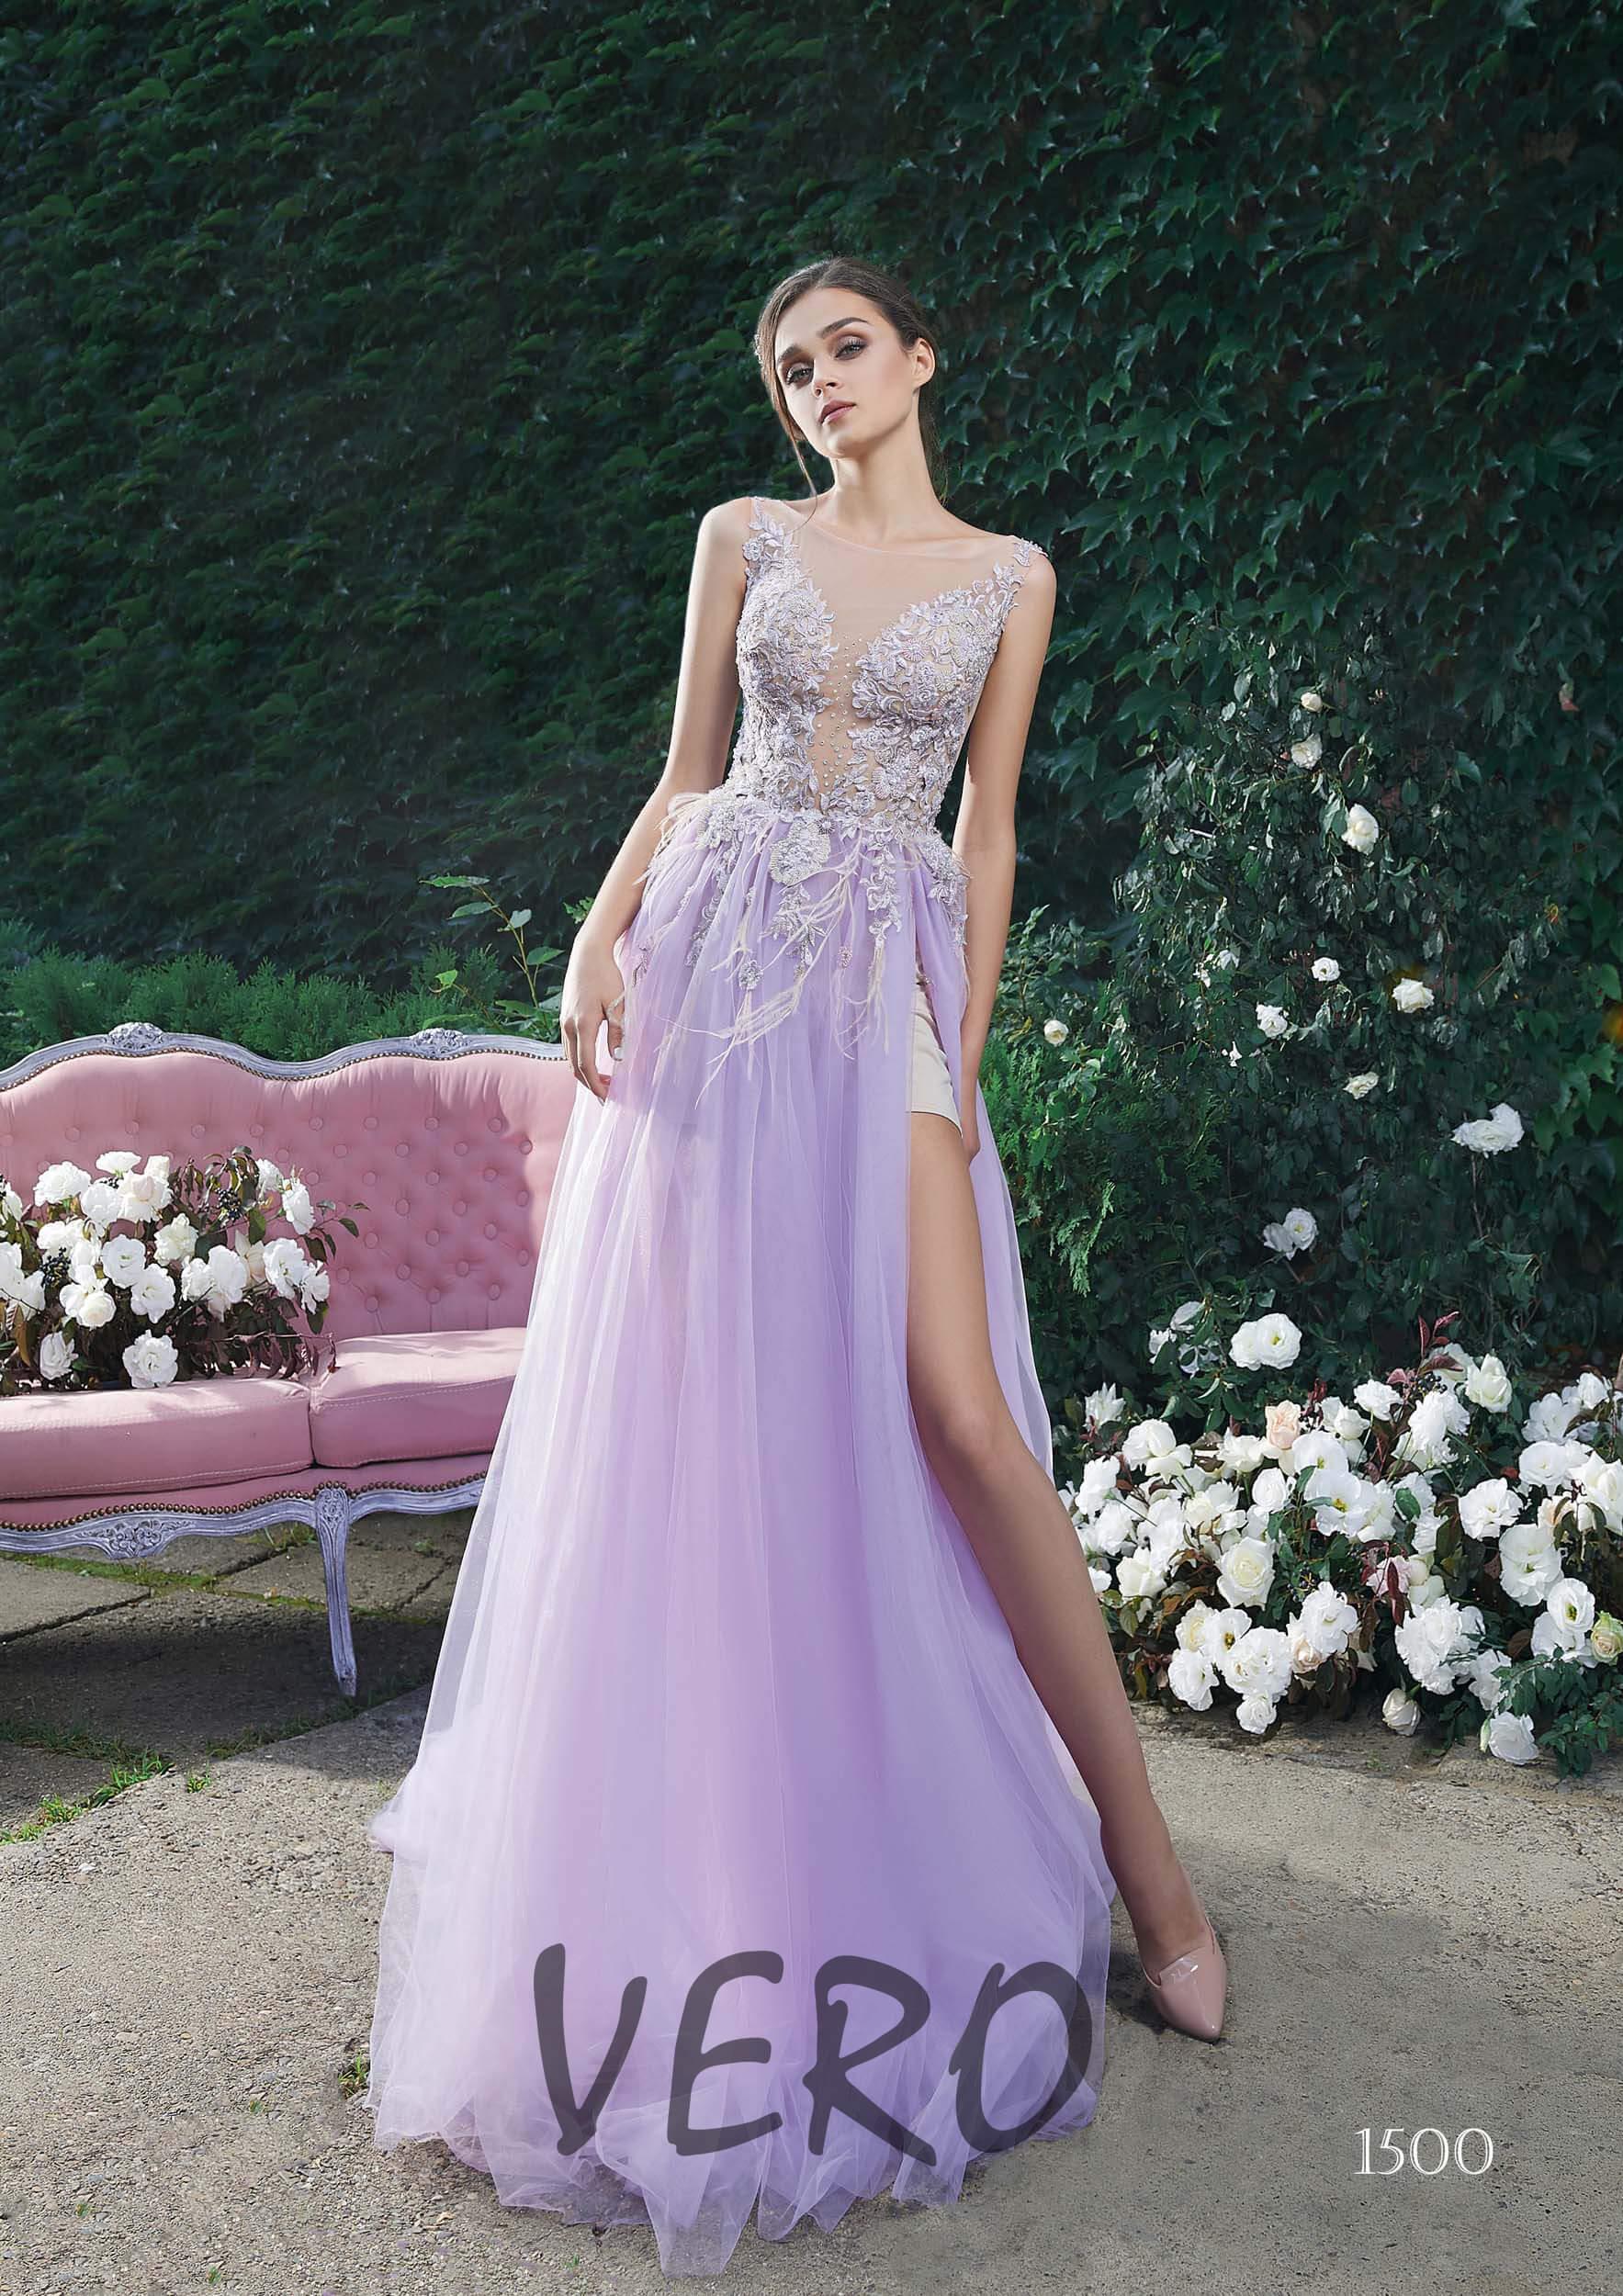 самые лучшие платья на выпускной | Vero